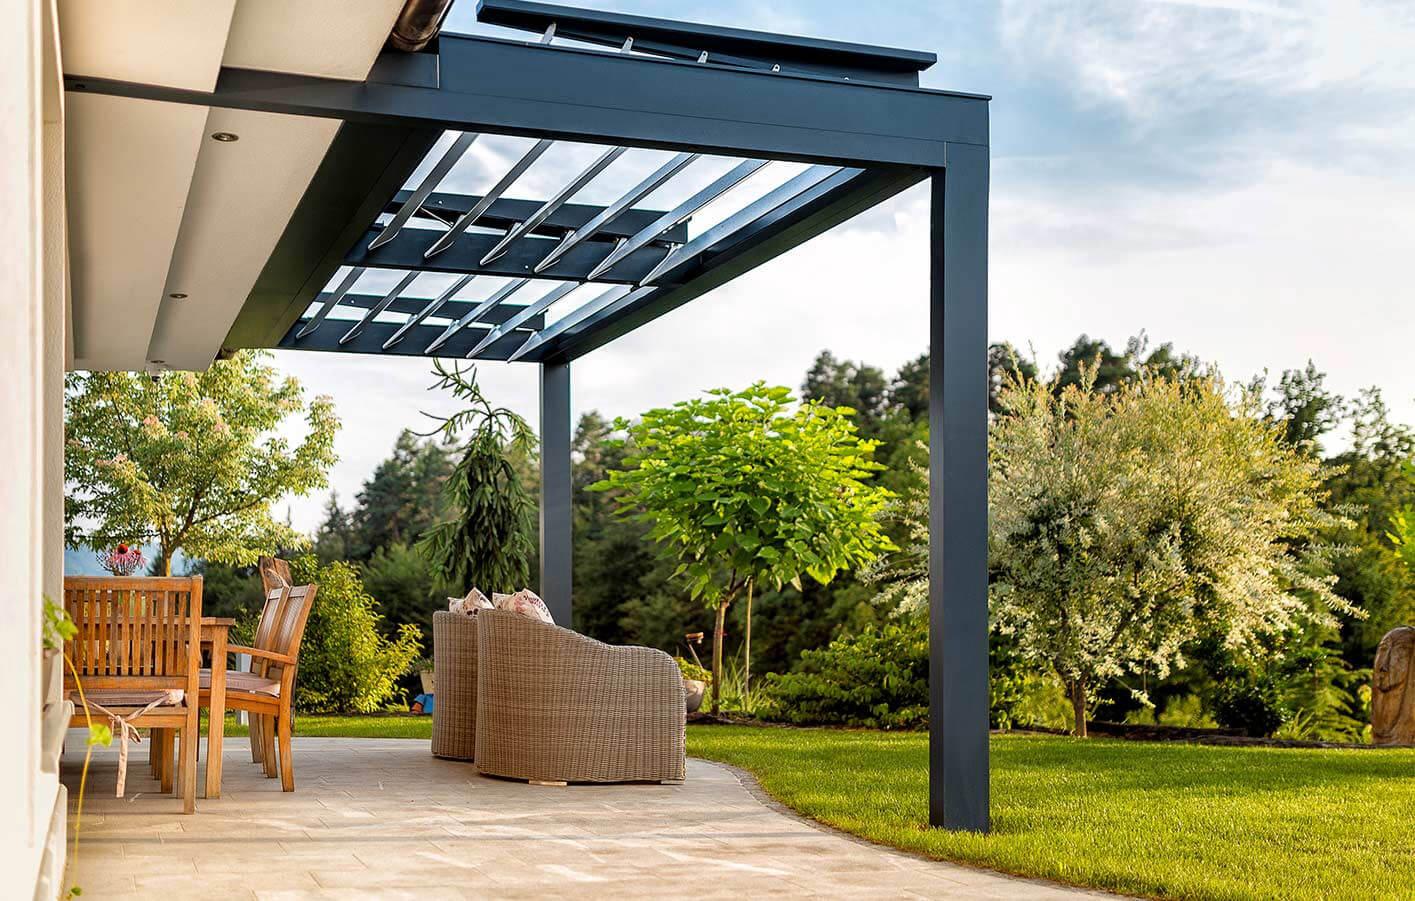 Terrasse mit Terrassenüberdachung mit grünem Garten, sehr idyllisch und entspannend